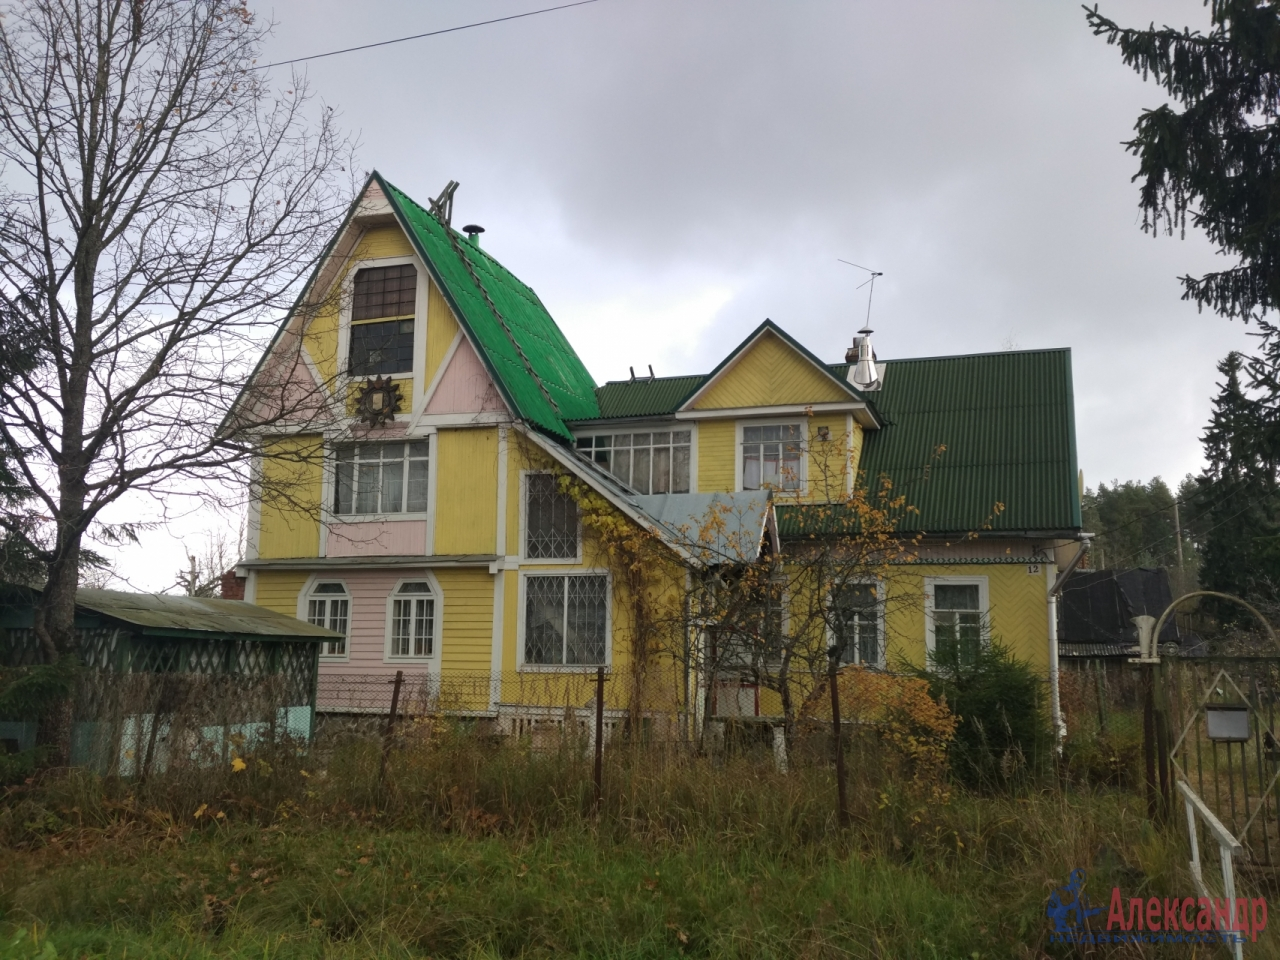 легко продажа дачи в посёлке введенском ленинградская область Санкт-Петербурге: зима